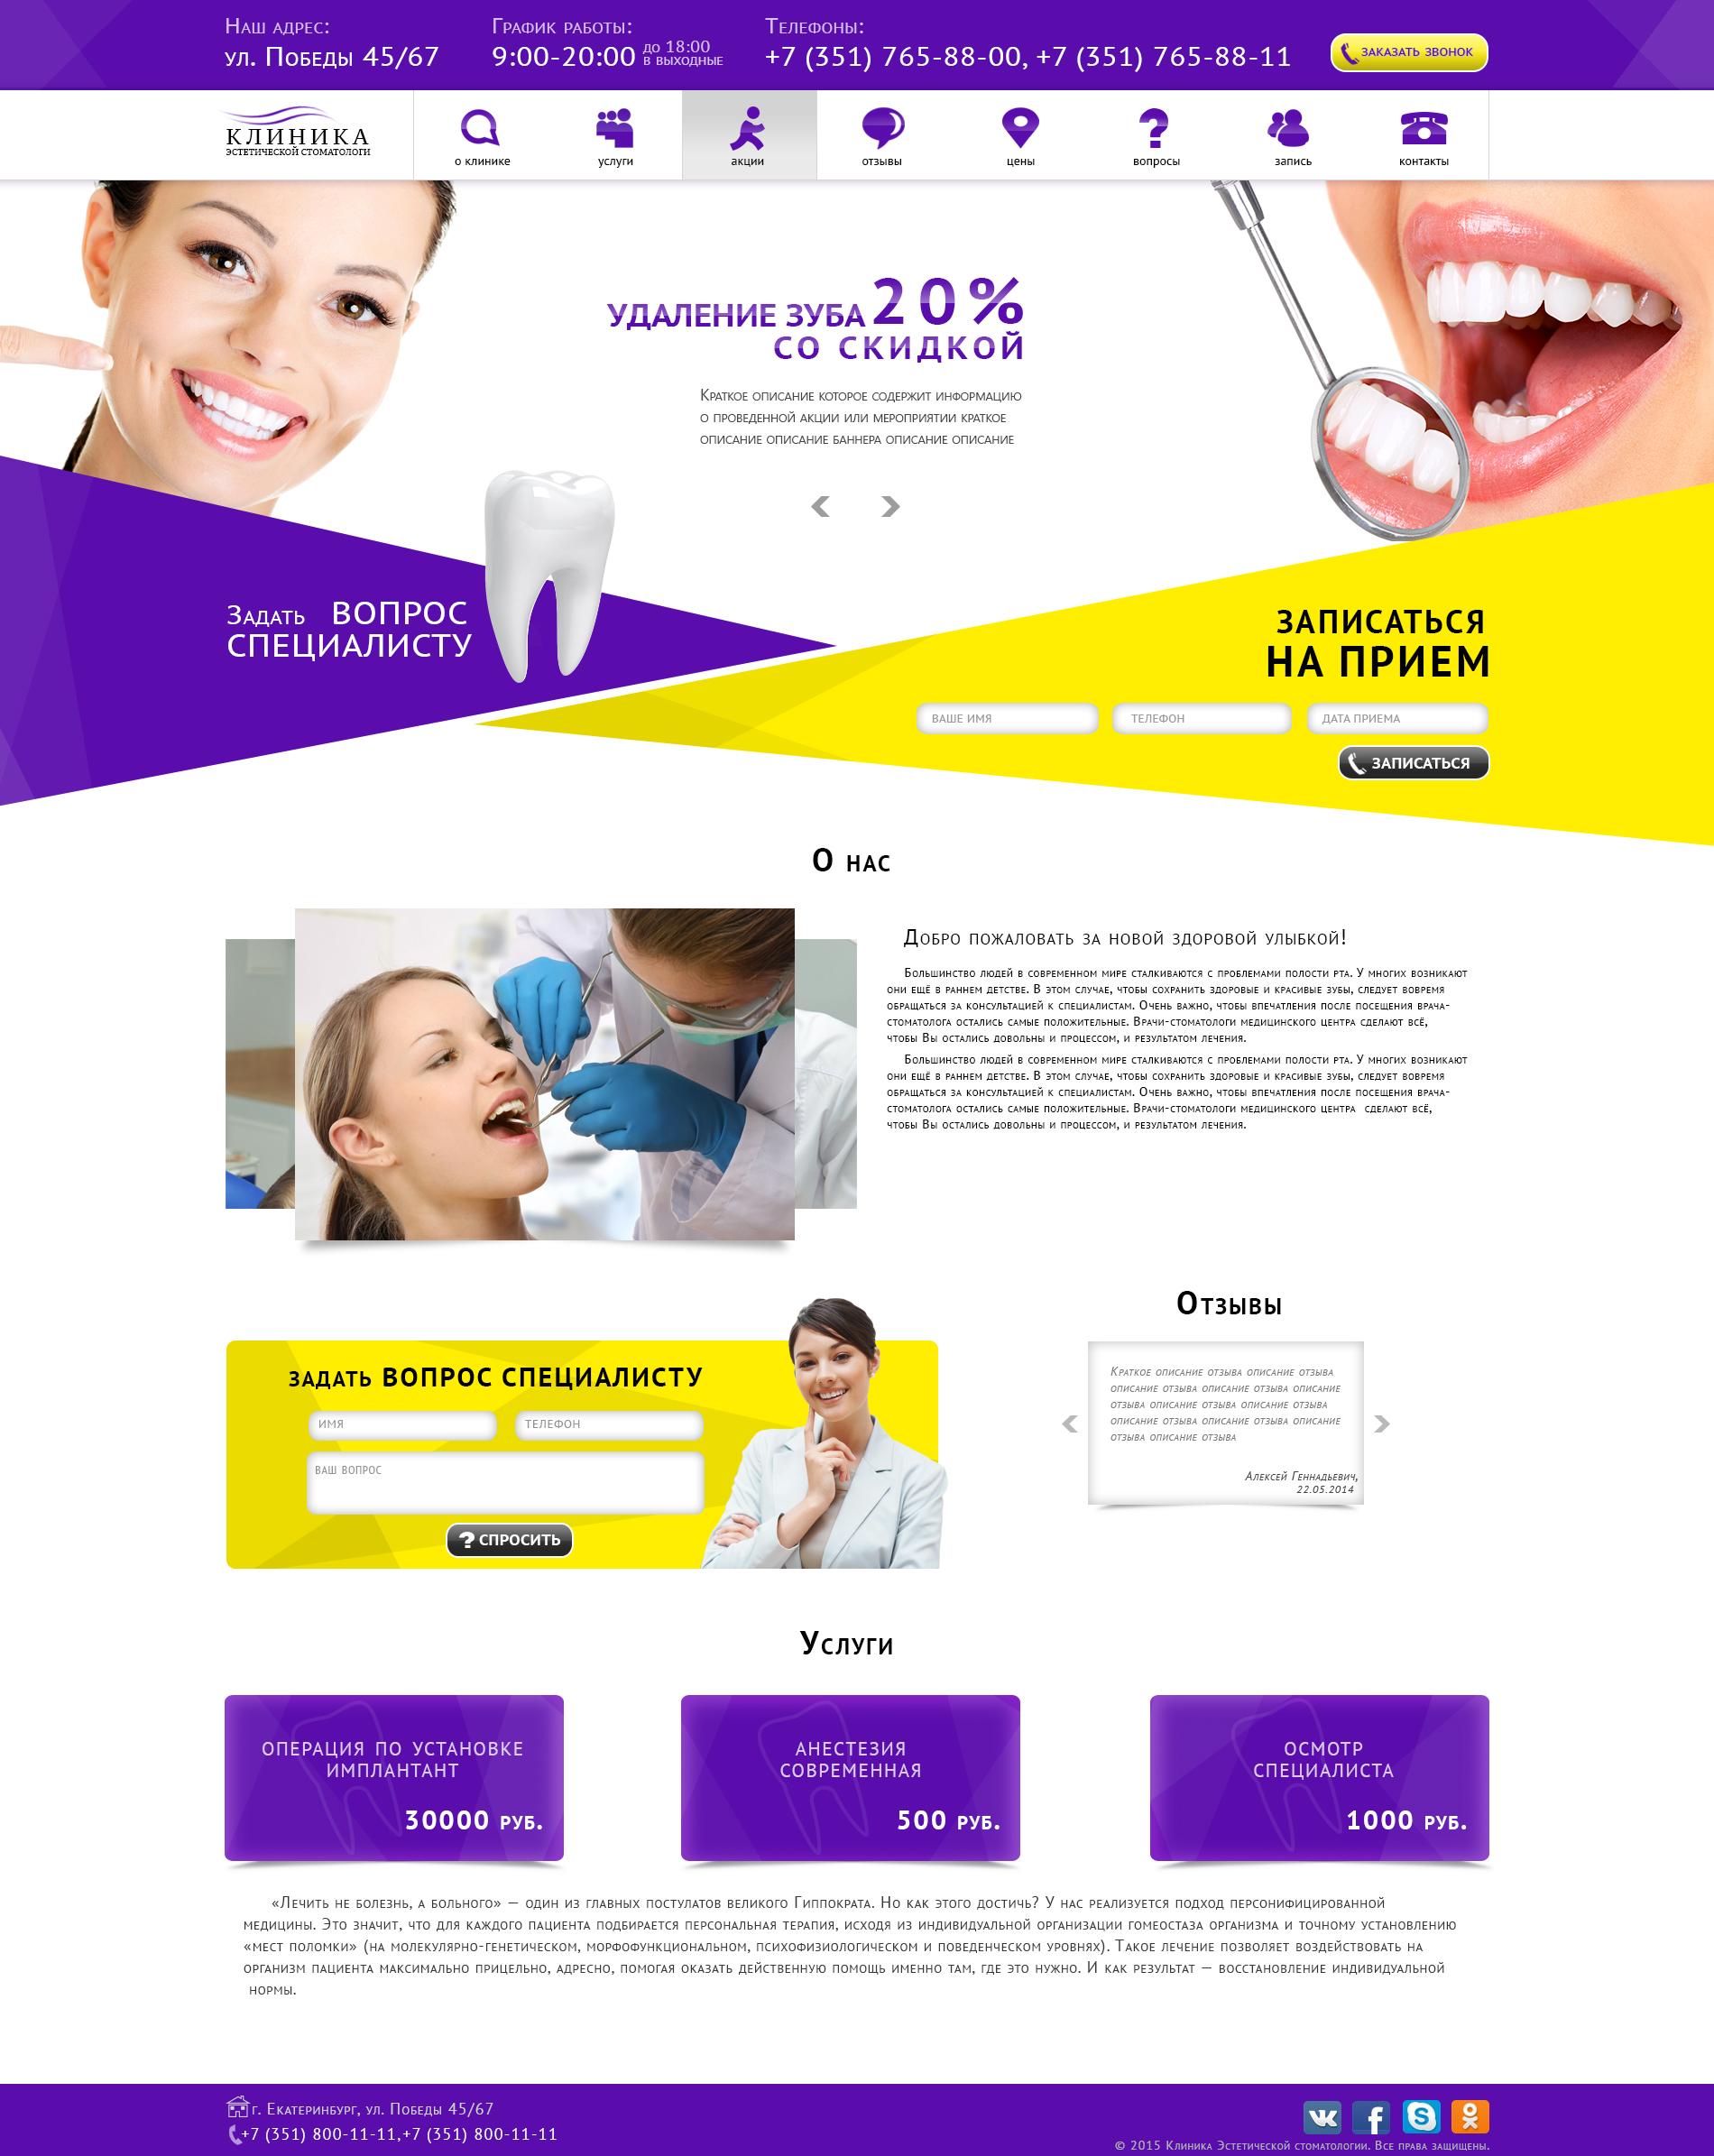 Разработка дизайна сайта для стоматологии